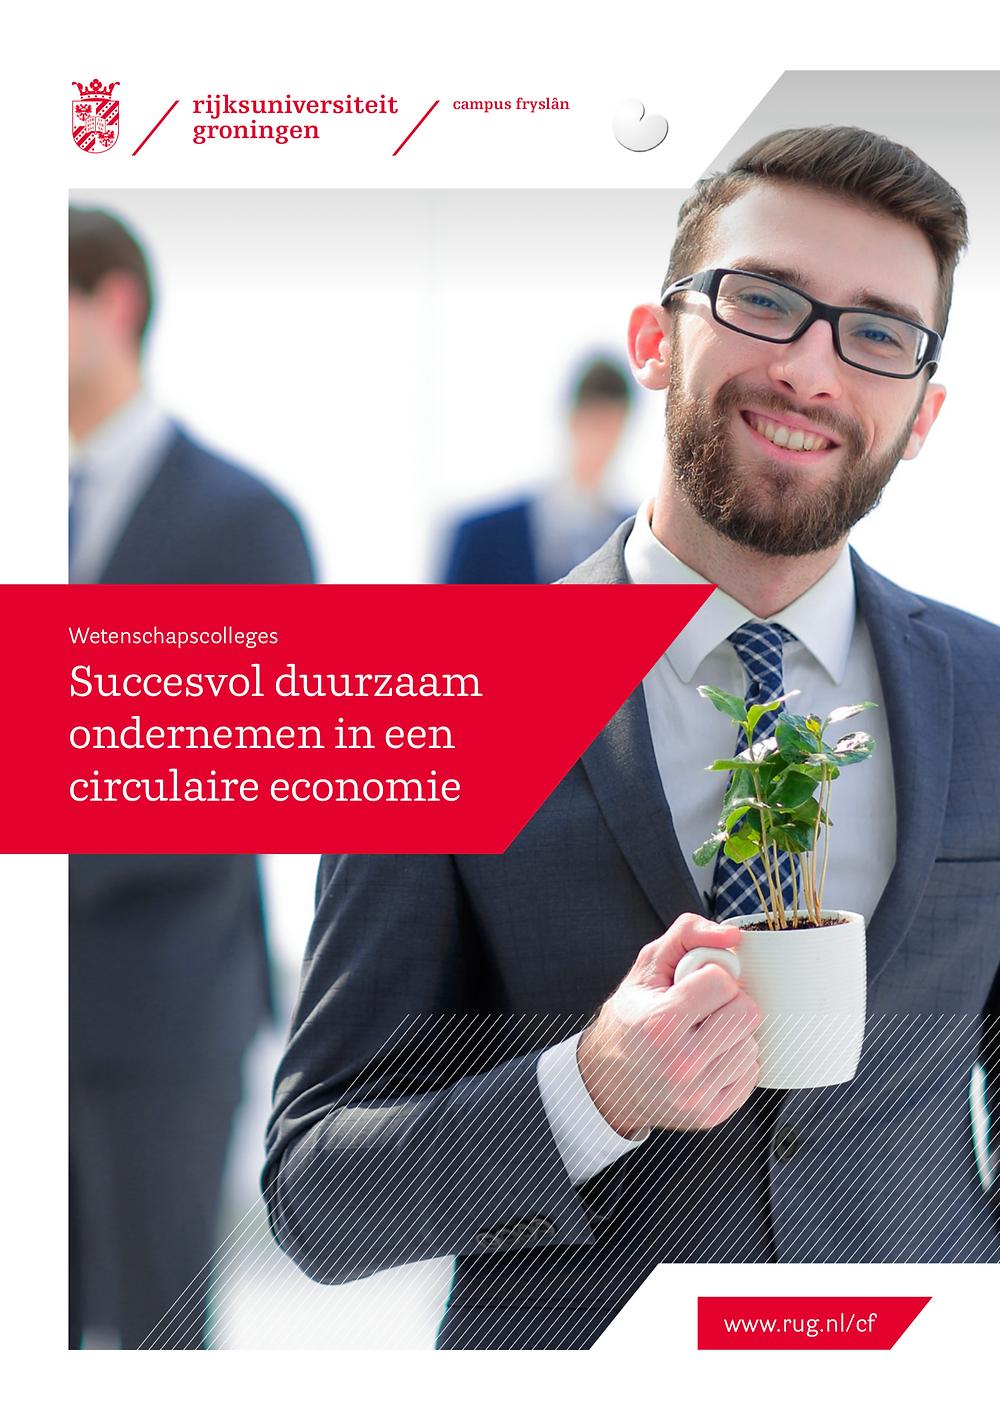 Brochure wetenschapscolleges Succesvol duurzaam ondernemen in een circulaire economie